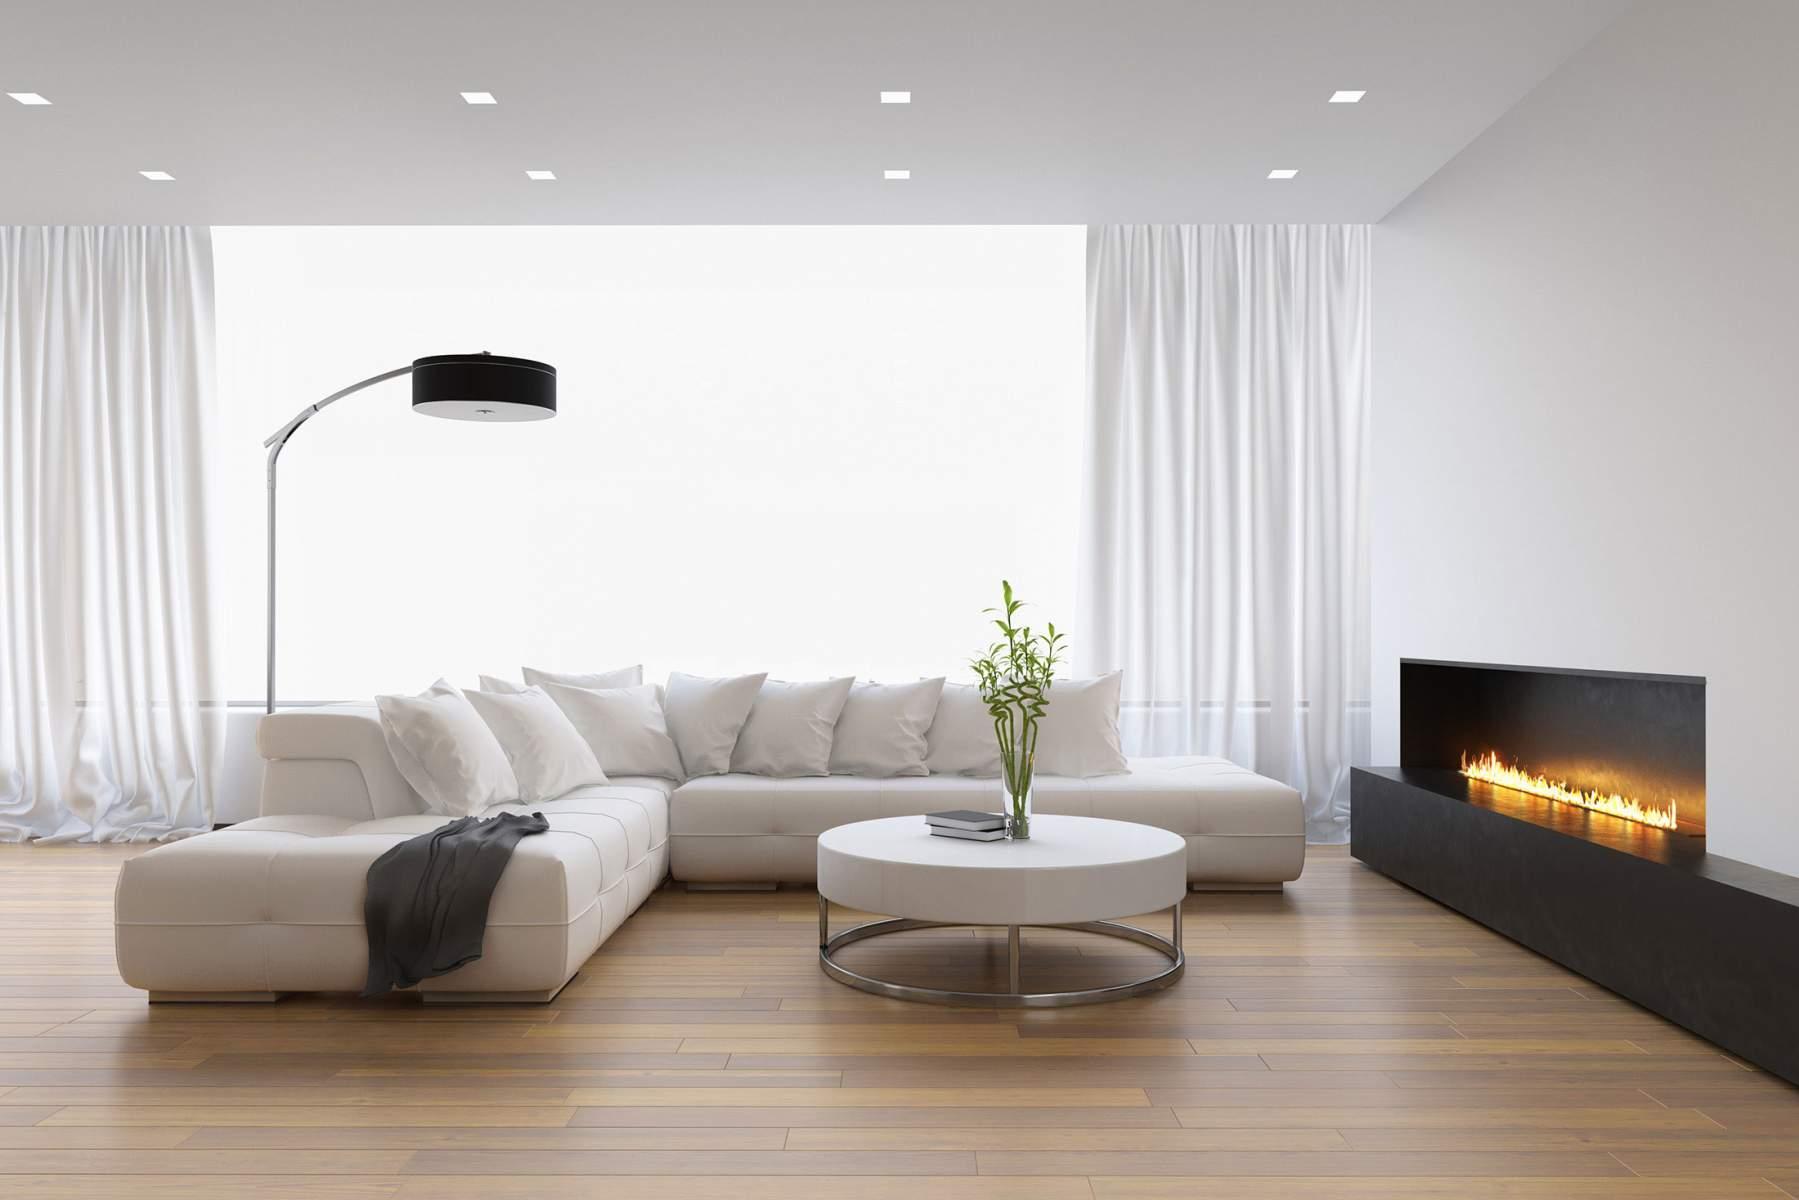 Installer Une Clim Réversible pour entreprise de climatisation à marseille - generation confort